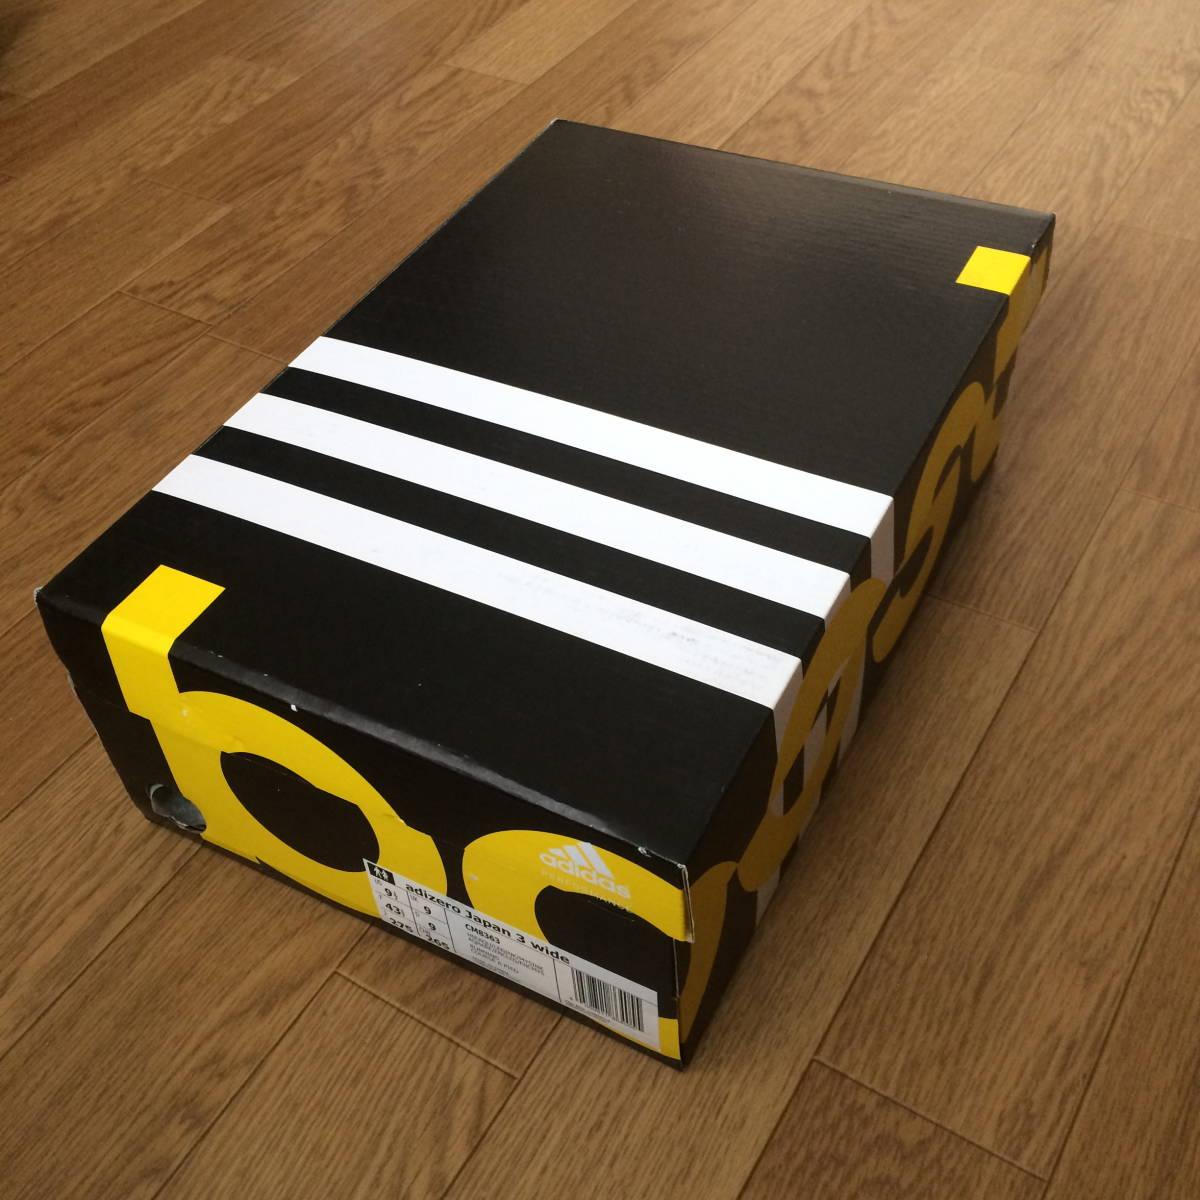 新品【国内正規 27.5cm】adidas adizero Japan 3 WIDE アディダス アディゼロ ジャパン 3 ワイド CM8363 ランニング【即決 即発送】_画像8